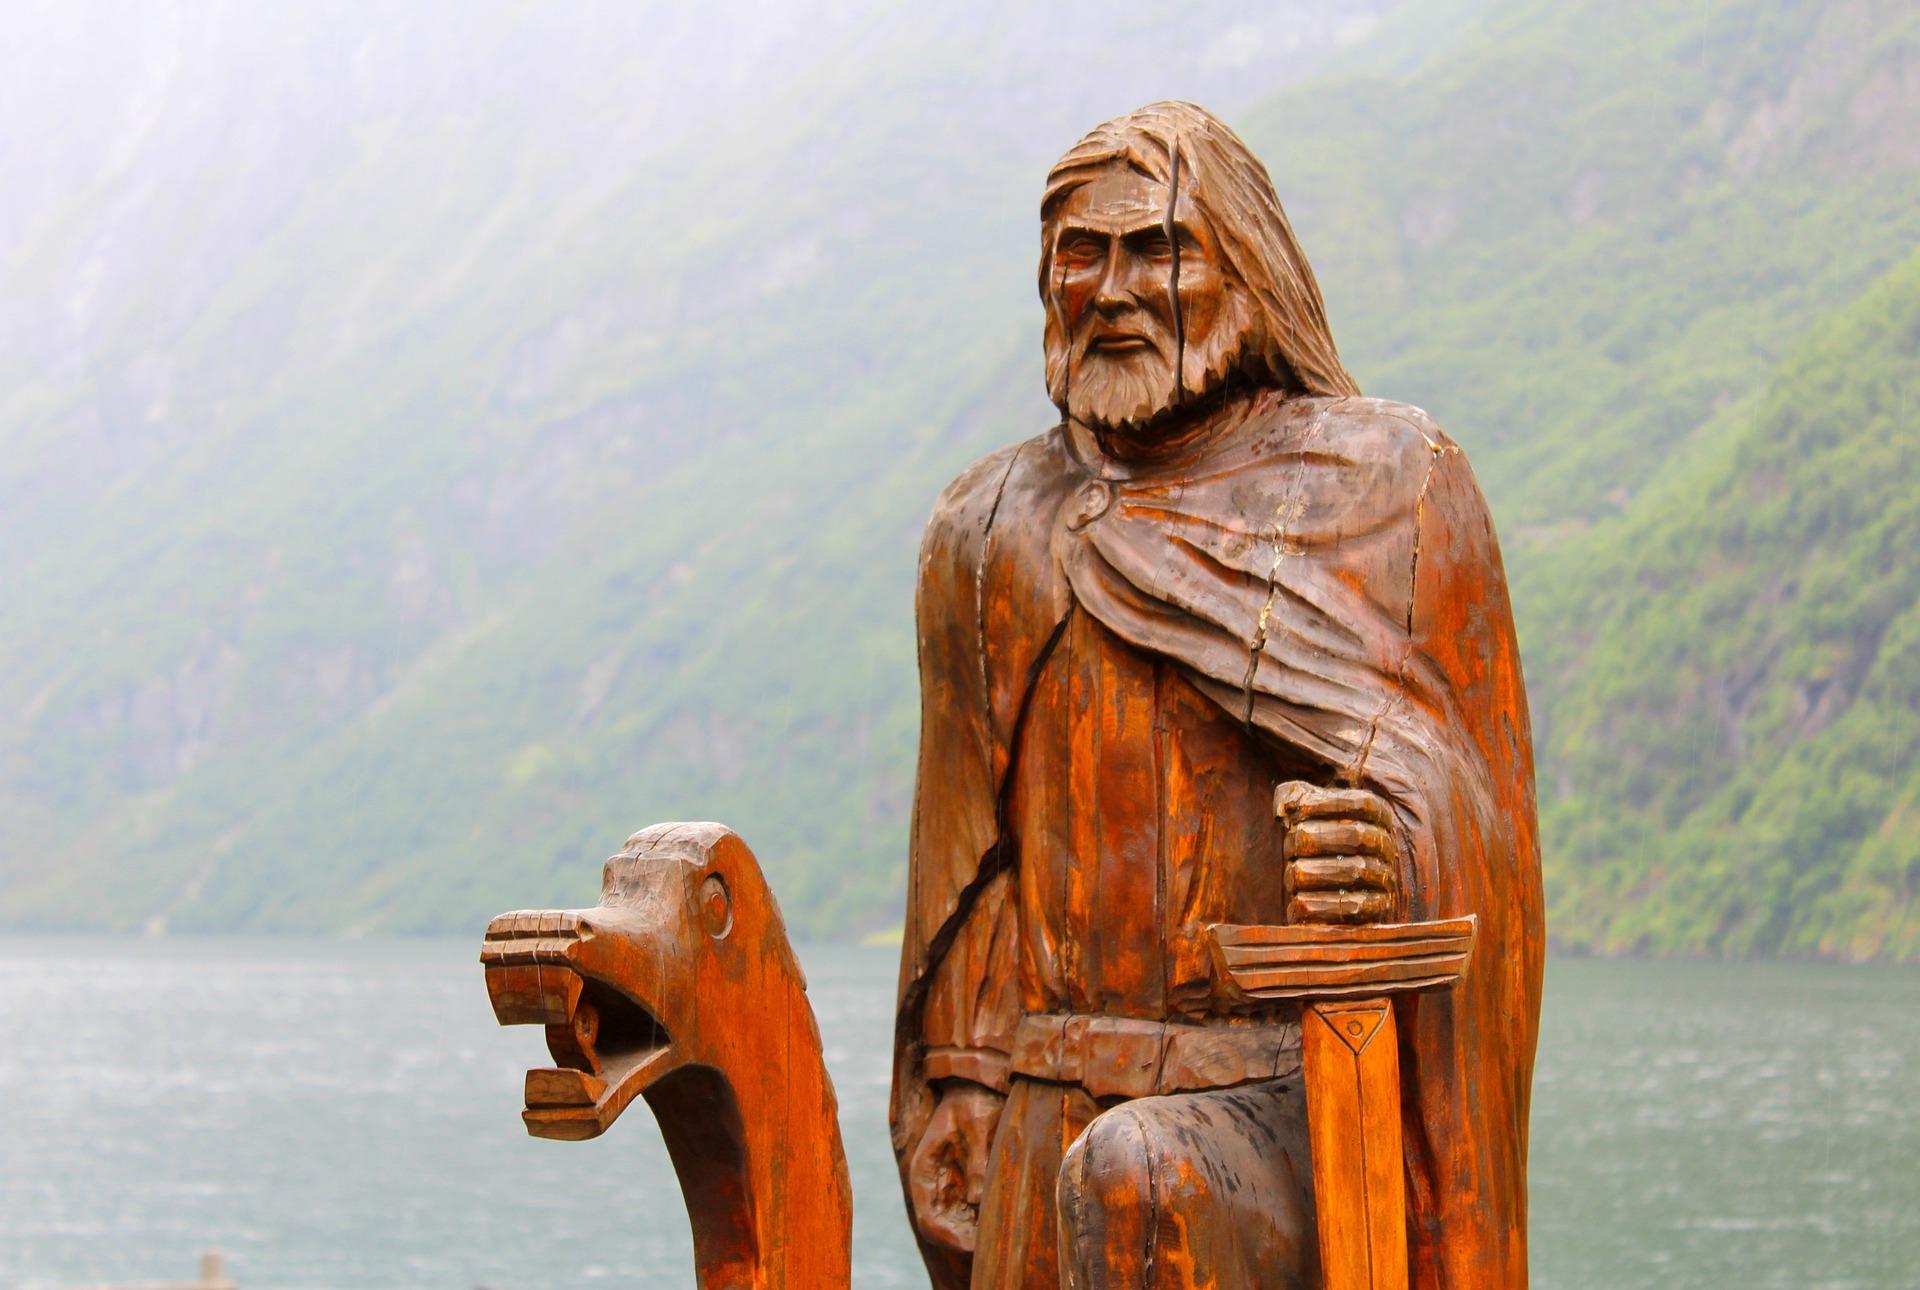 Учёные установили, что у викингов мечи не использовались в бою – они были декоративным статусным оружием. Битвы велись топорами и копьями.